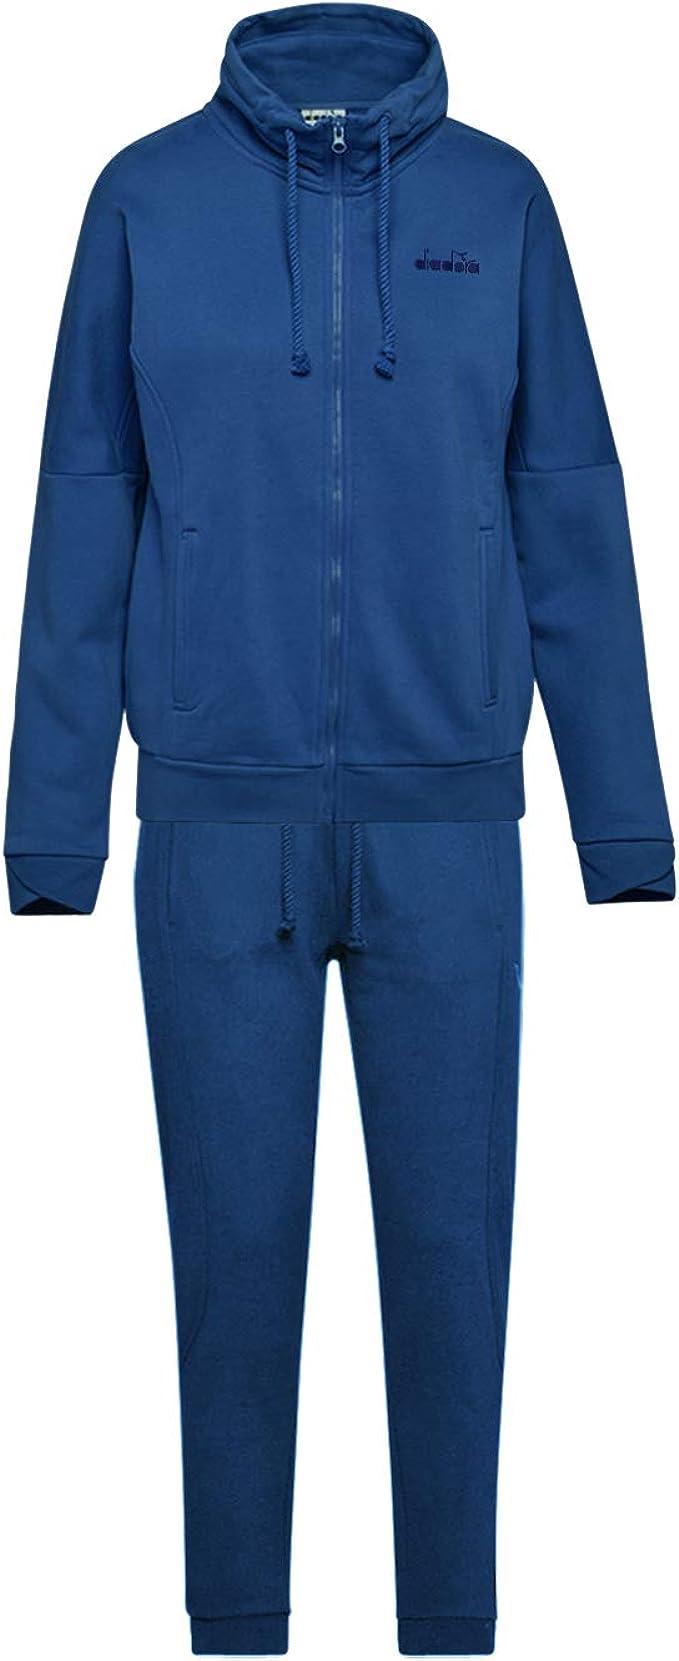 Tuta L.FZ Cuff Suit Brushed Core per Donna Diadora